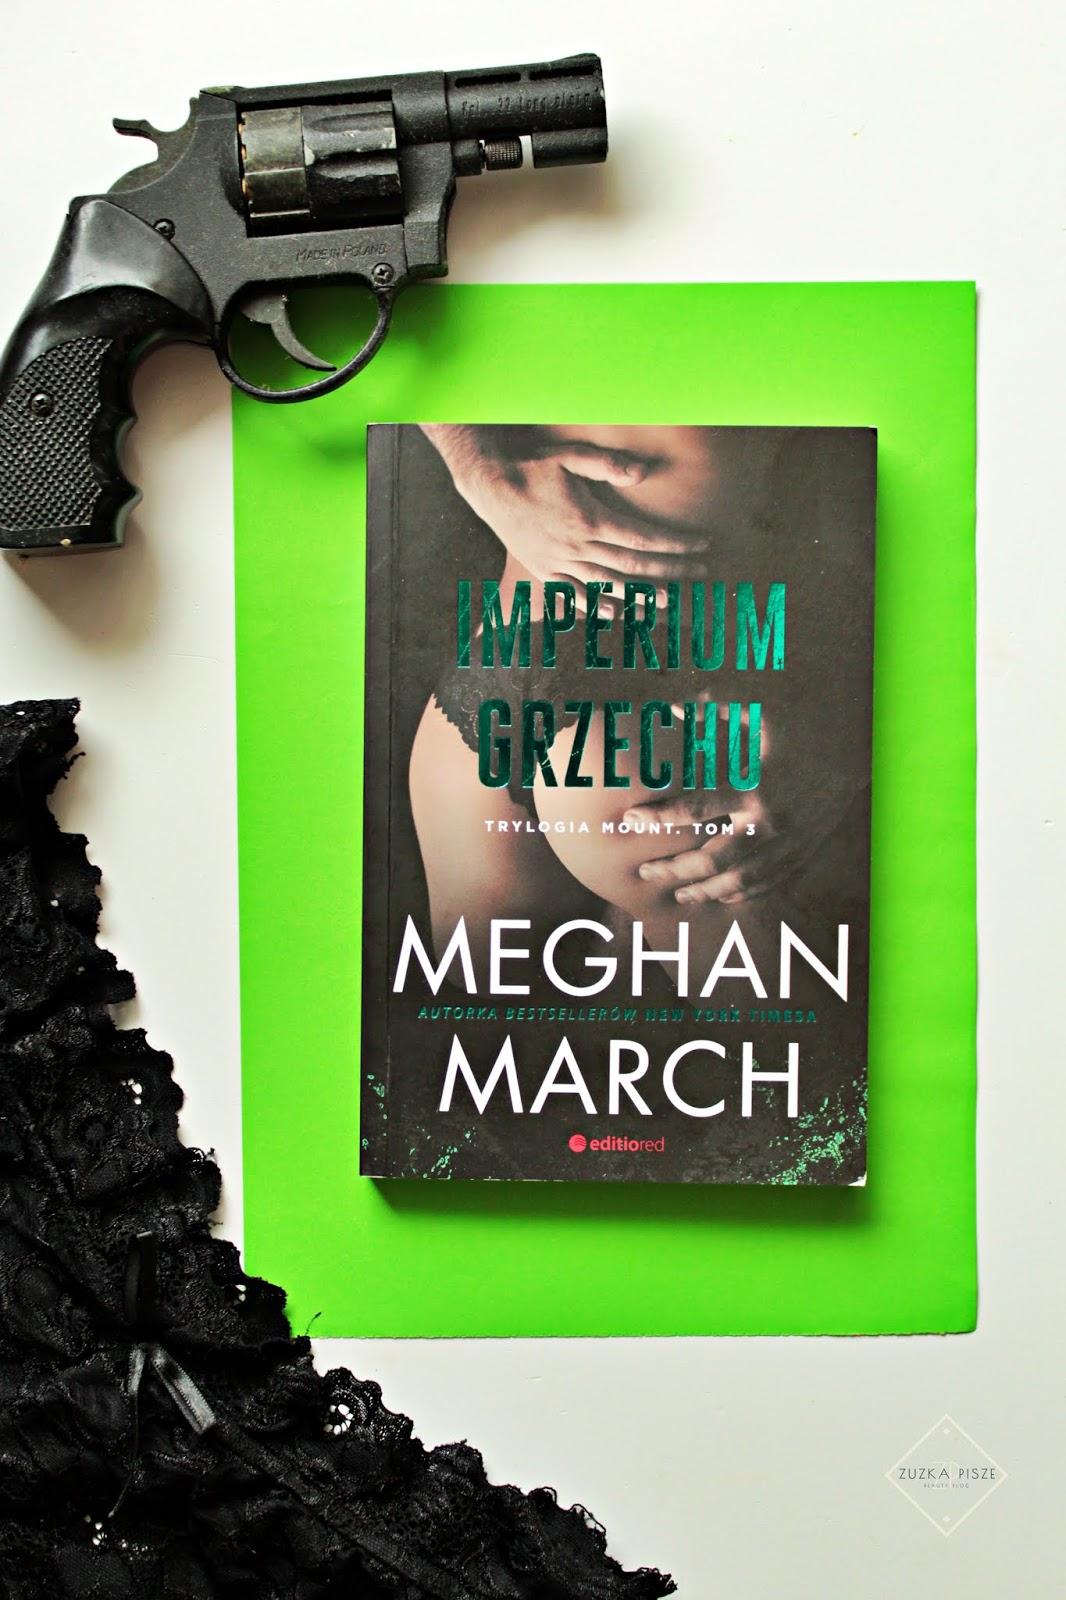 """Meghan March """"Imperium grzechu"""" - tom 3 trylogii MOUNT - recenzja"""